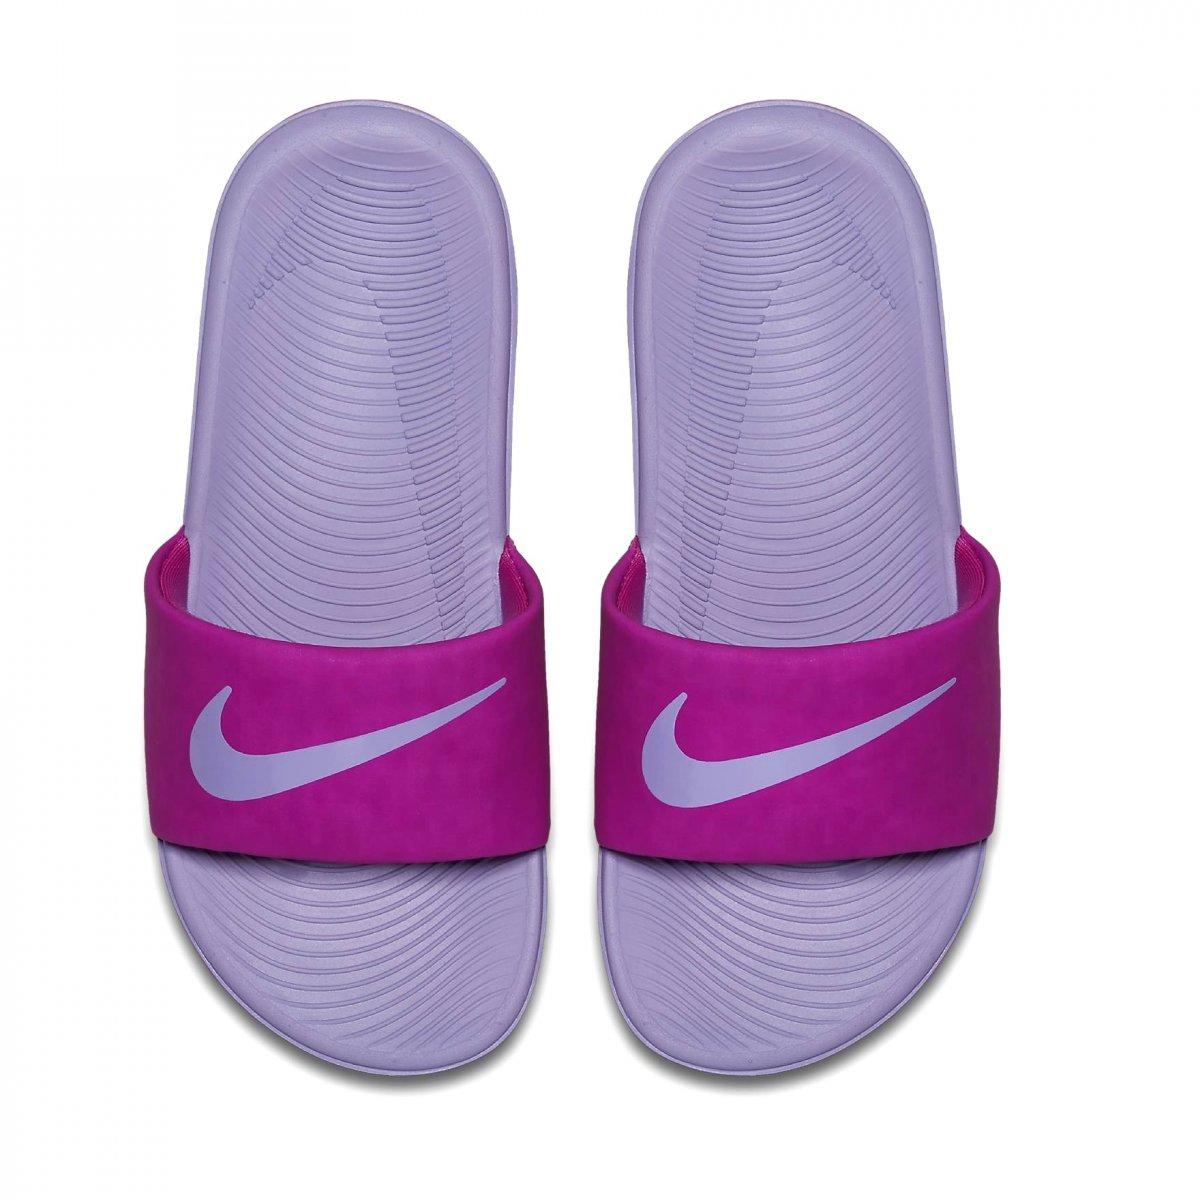 a7d4de09cf078 Sandália Infantil Nike Kawa Slide 819353-601 - Roxo - Calçados ...